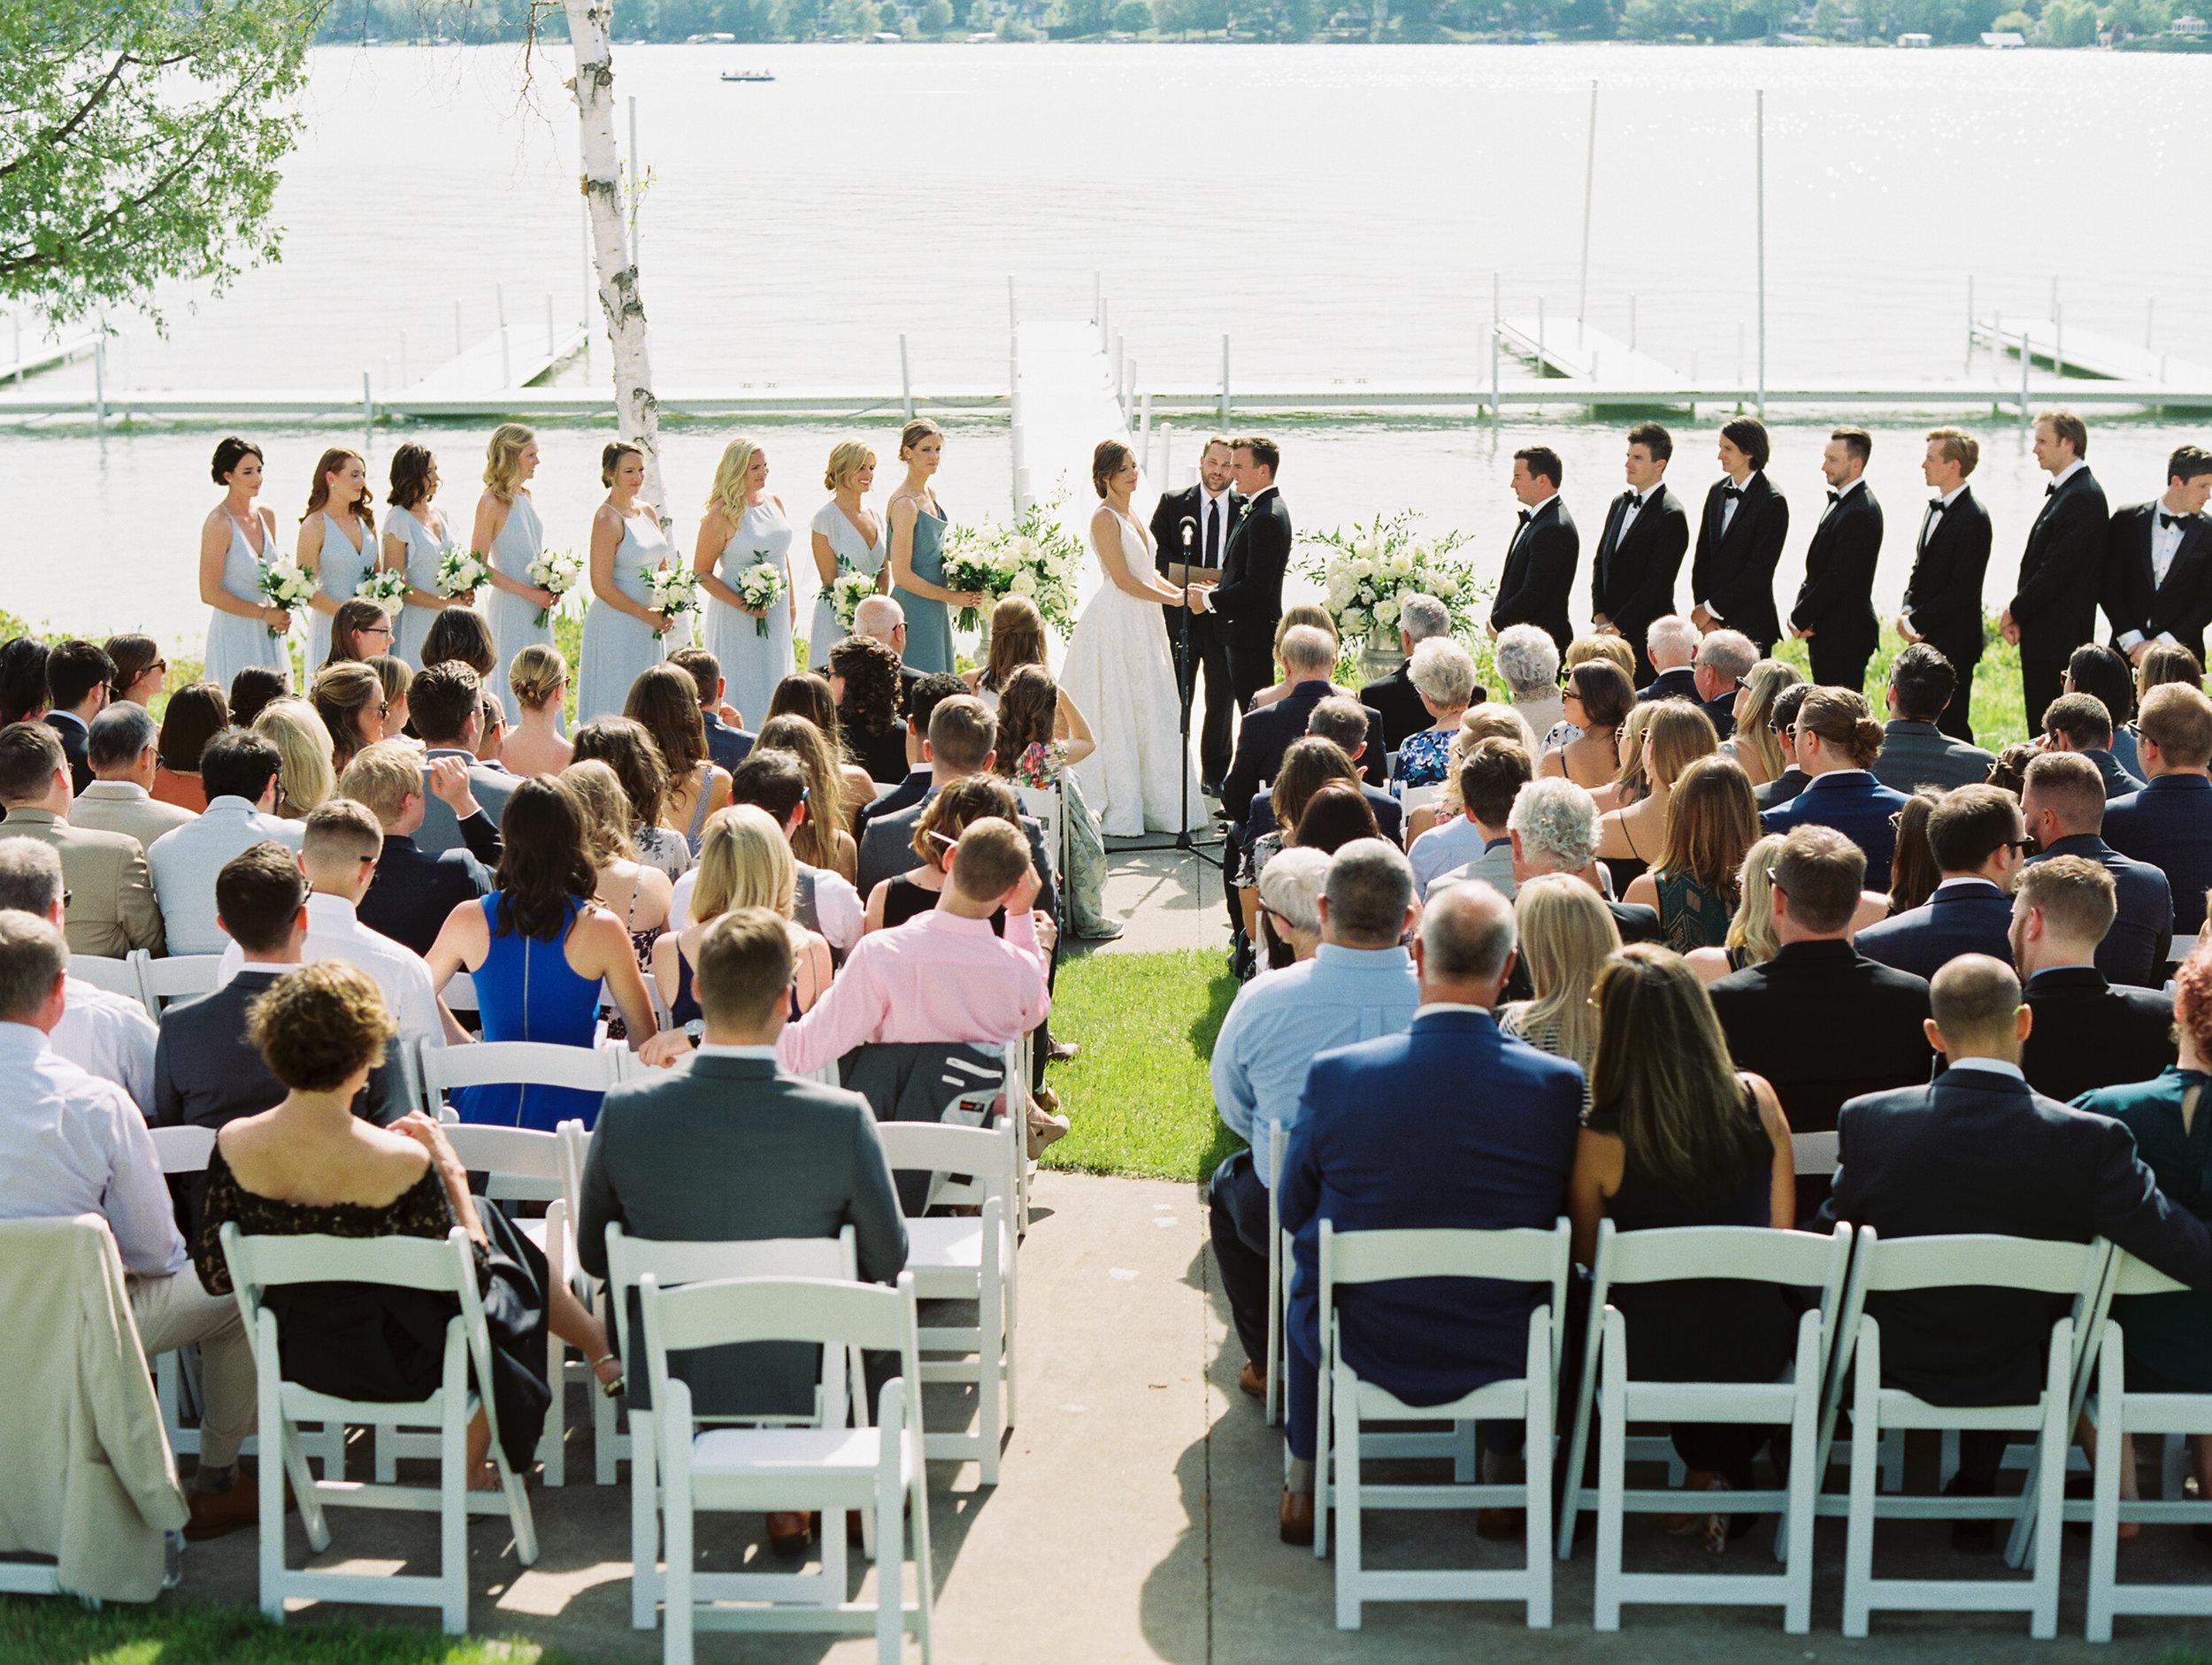 DeGuilio+Wedding+Ceremonyf-1.jpg